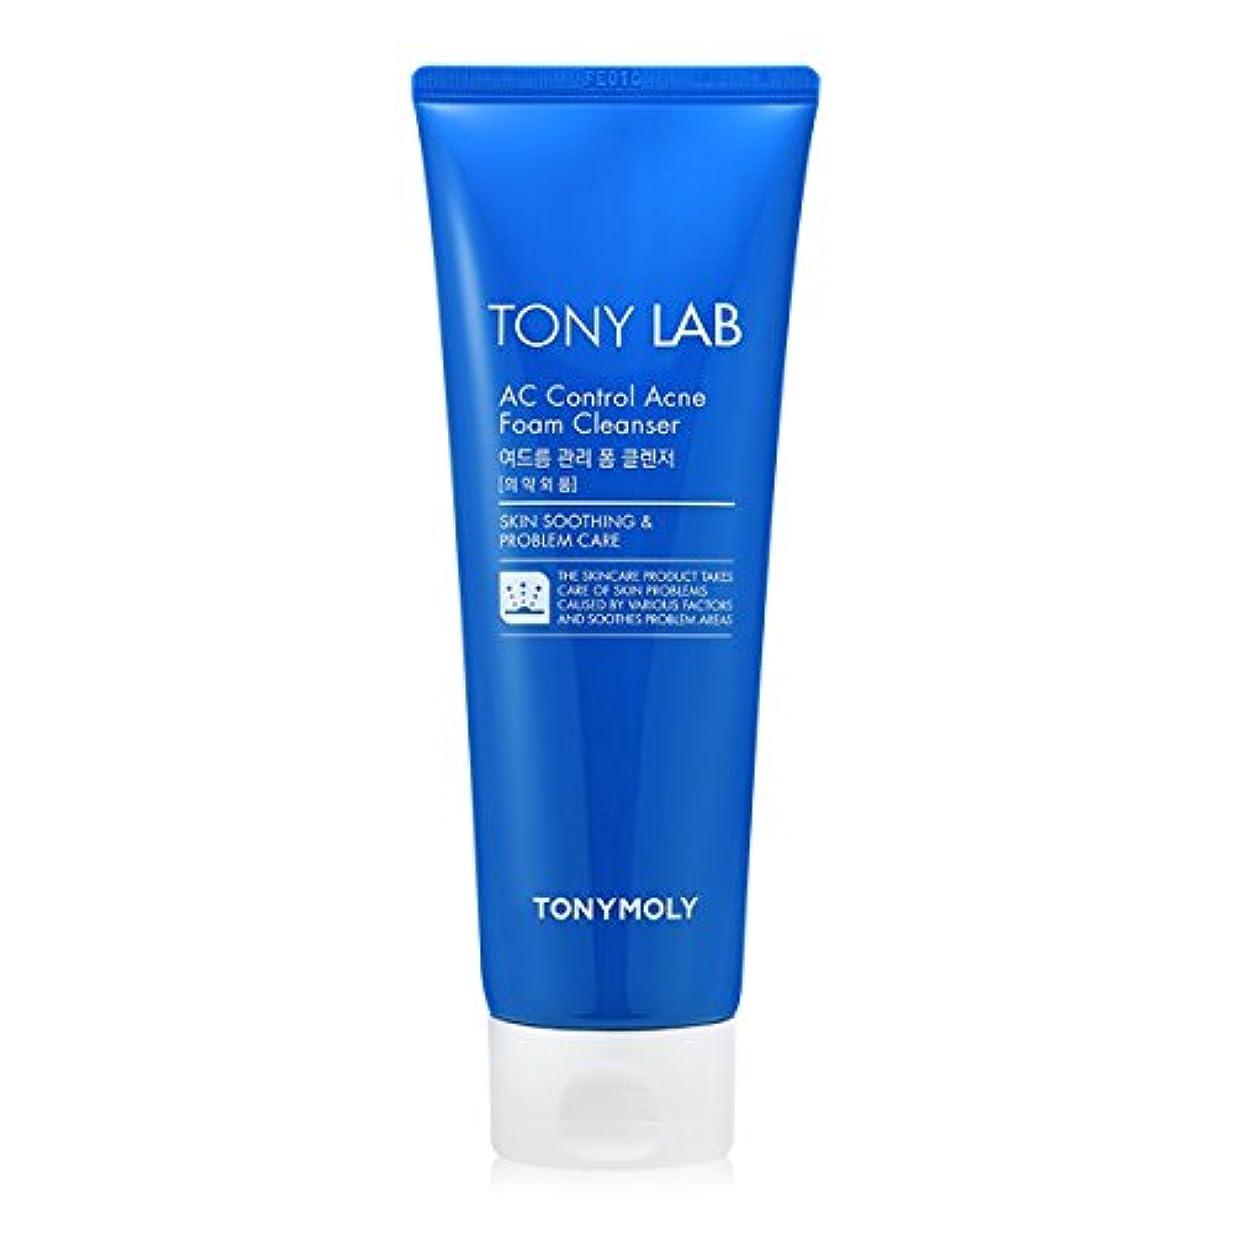 テニスデイジー憤る[New] TONYMOLY Tony Lab AC Control Acne Foam Cleanser 150ml/トニーモリー トニー ラボ AC コントロール アクネ フォーム クレンザー 150ml